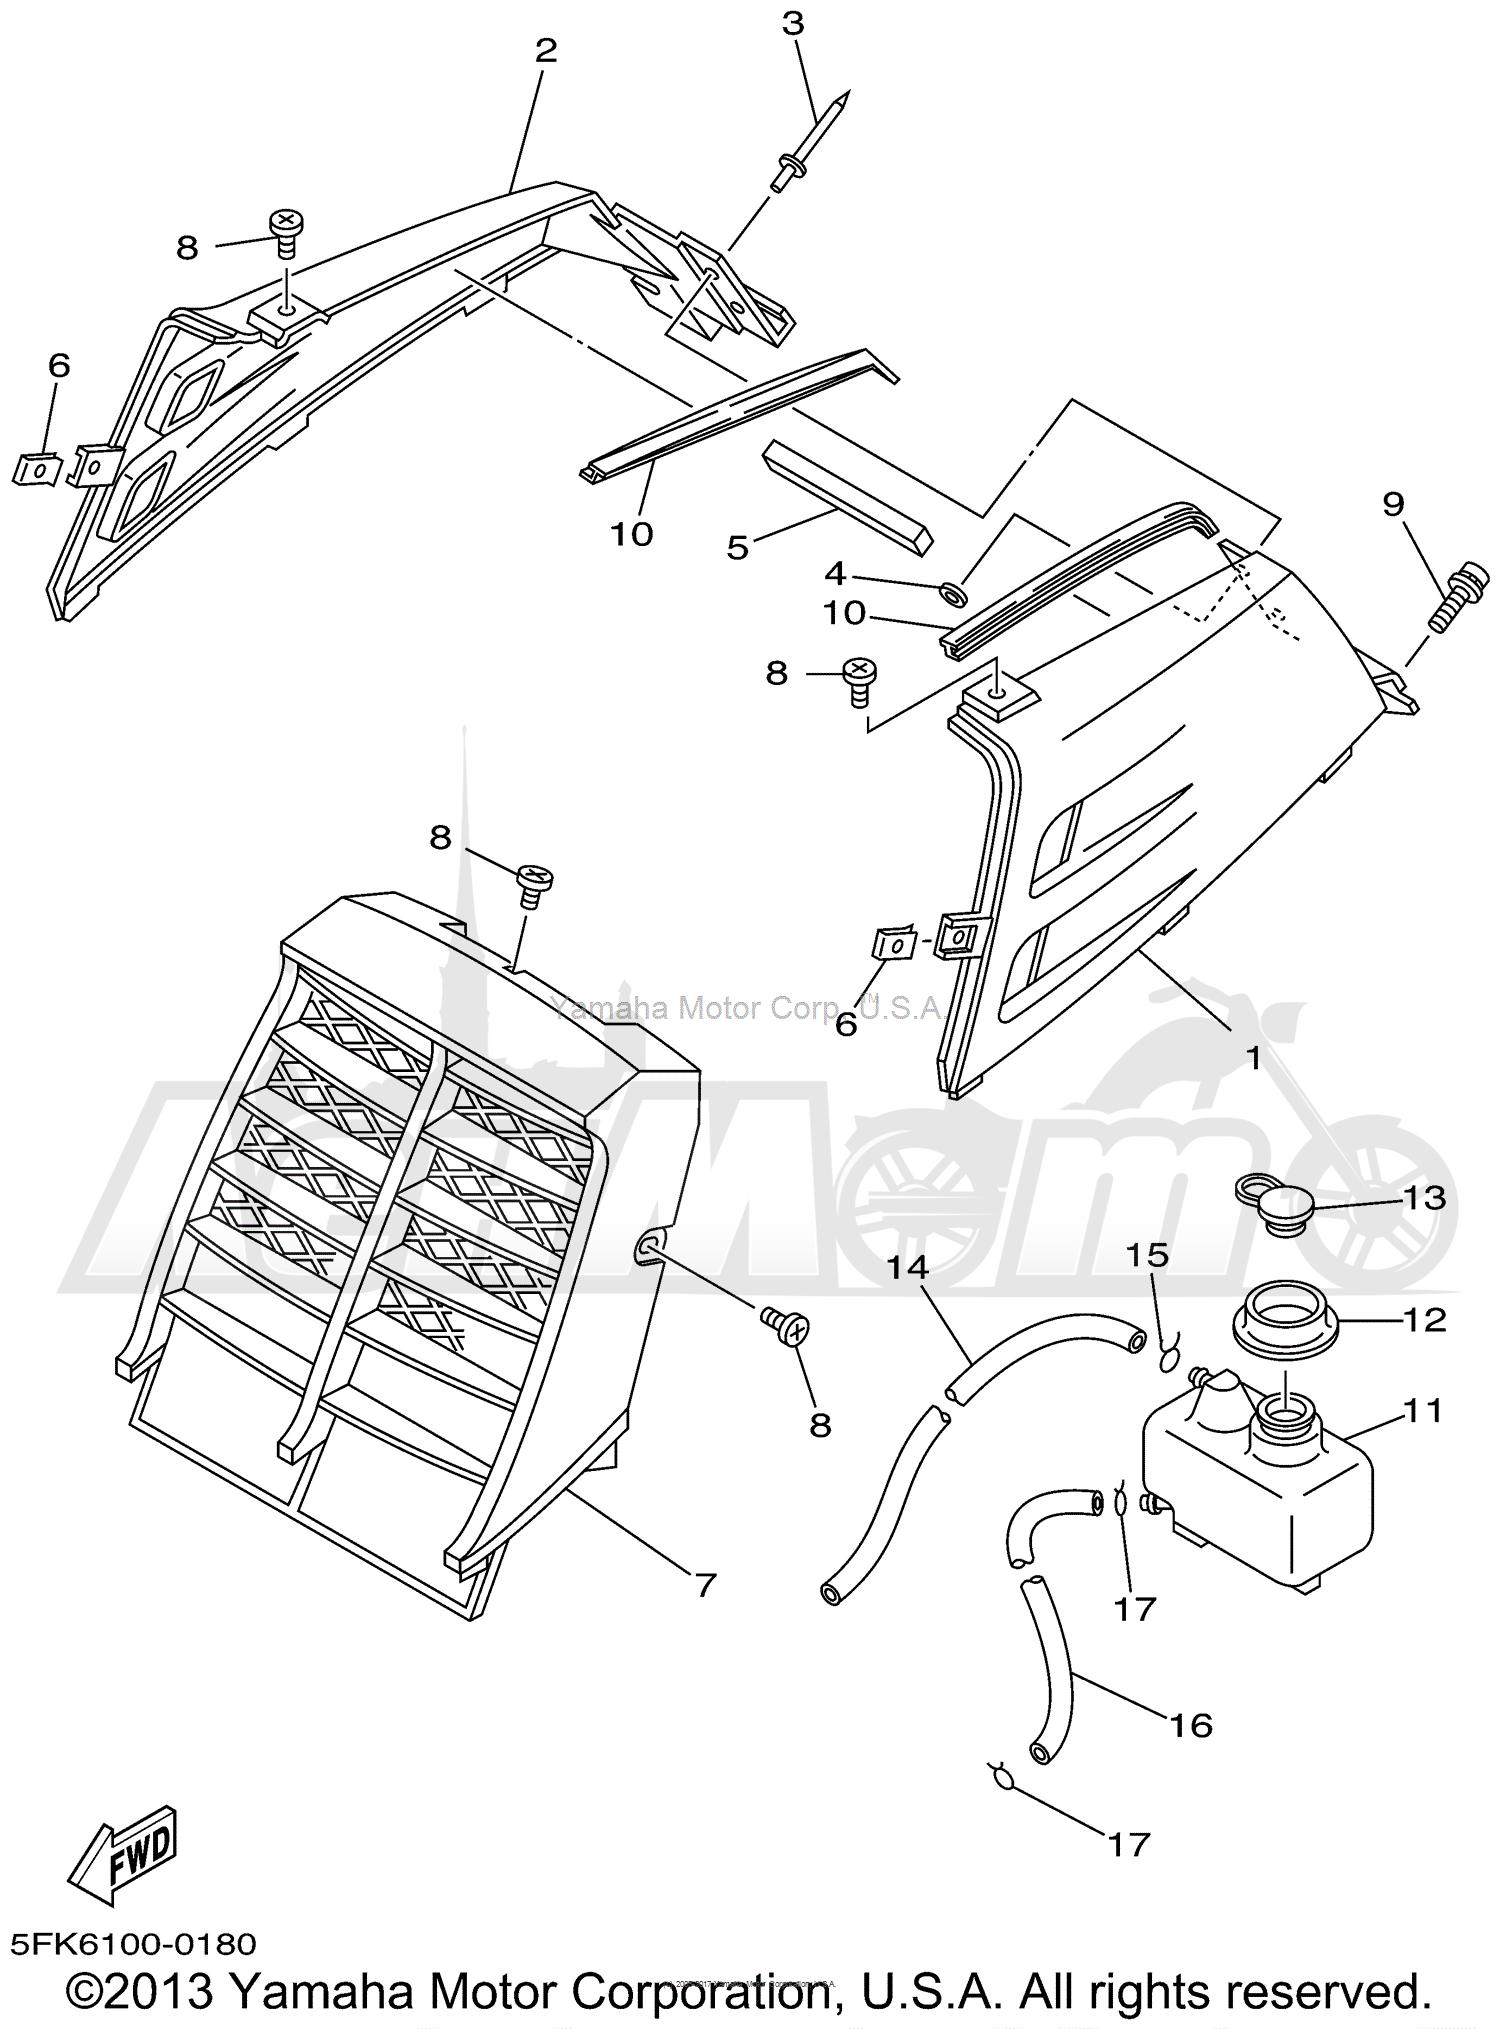 1998 Yamaha Yfz350 Atv Parts Manuals Catalog Download PDF